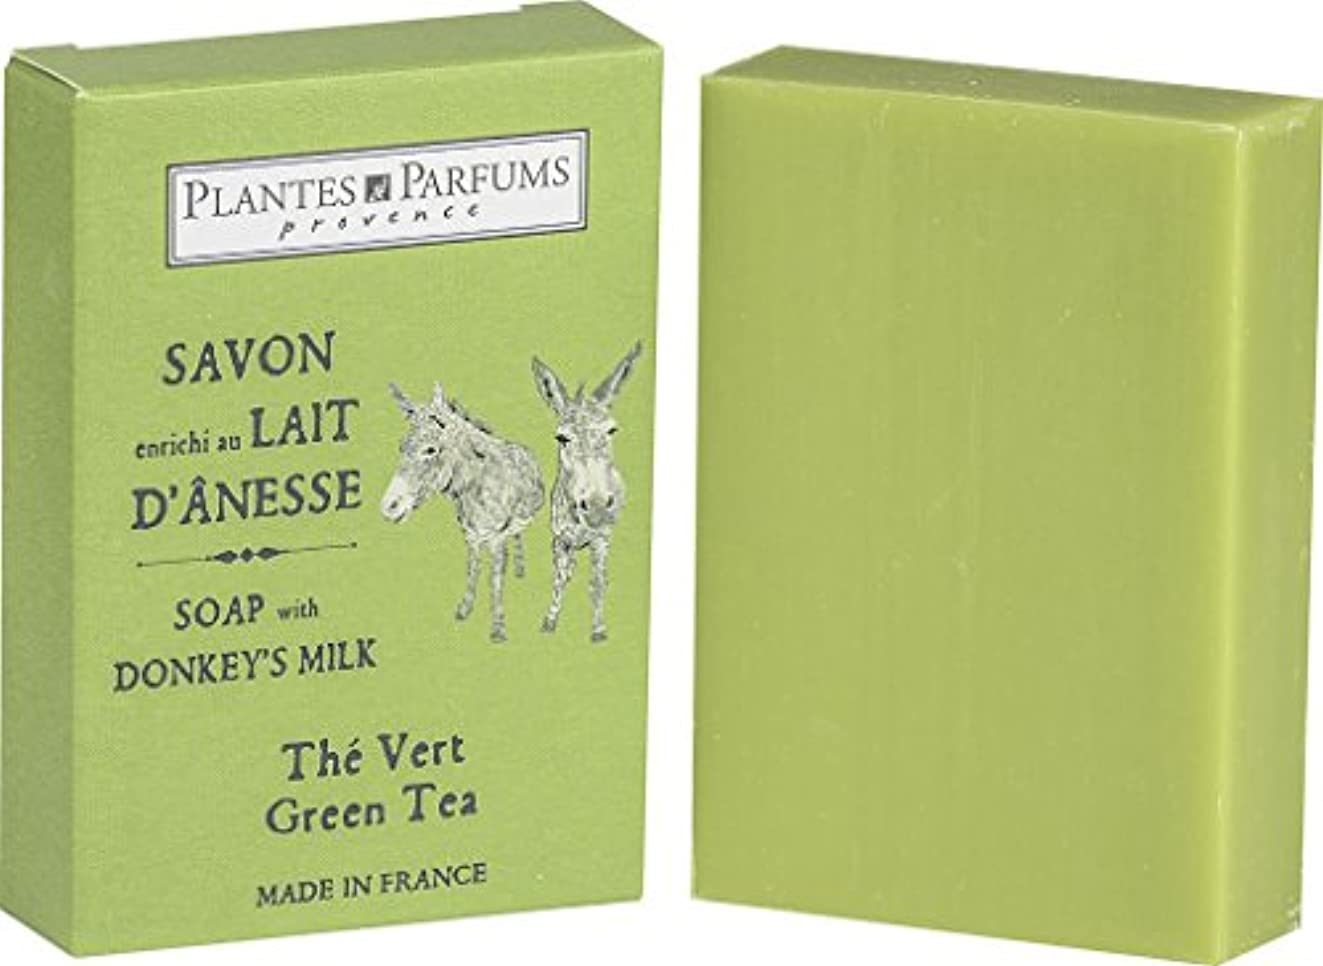 眉遠え時系列Plantes&Parfums [プランツ&パルファム] ロバミルクソープ100g グリーンティ